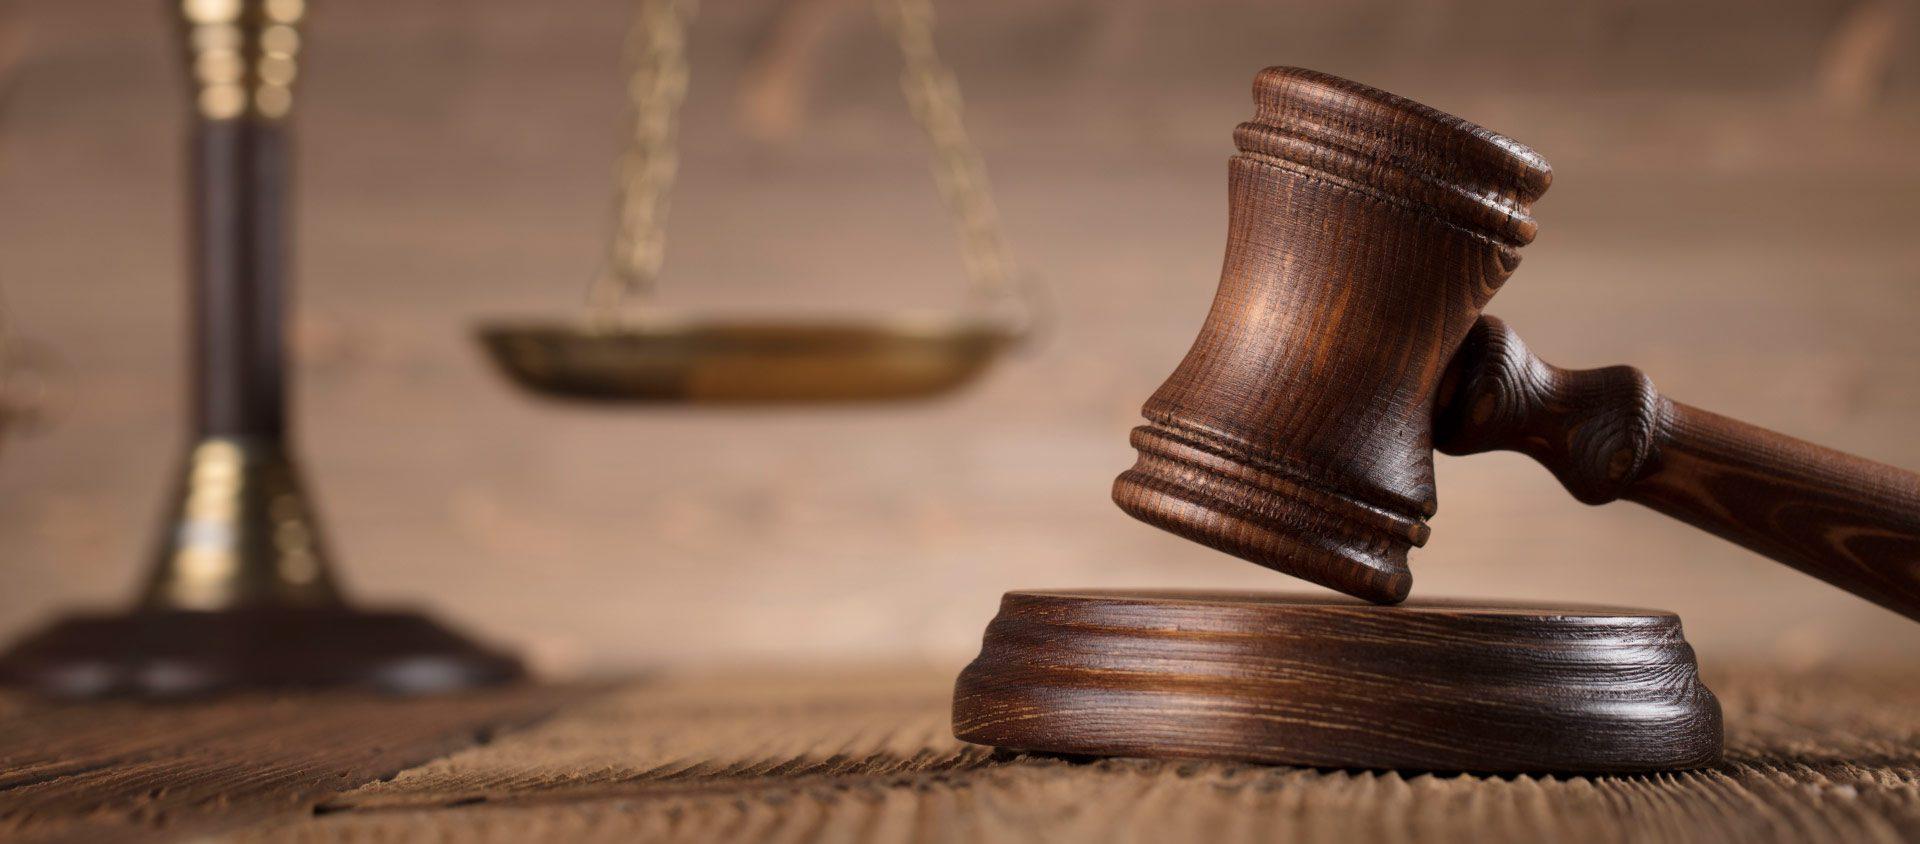 Seguro Garantia Judicial ganha mais uma função com reforma trabalhista